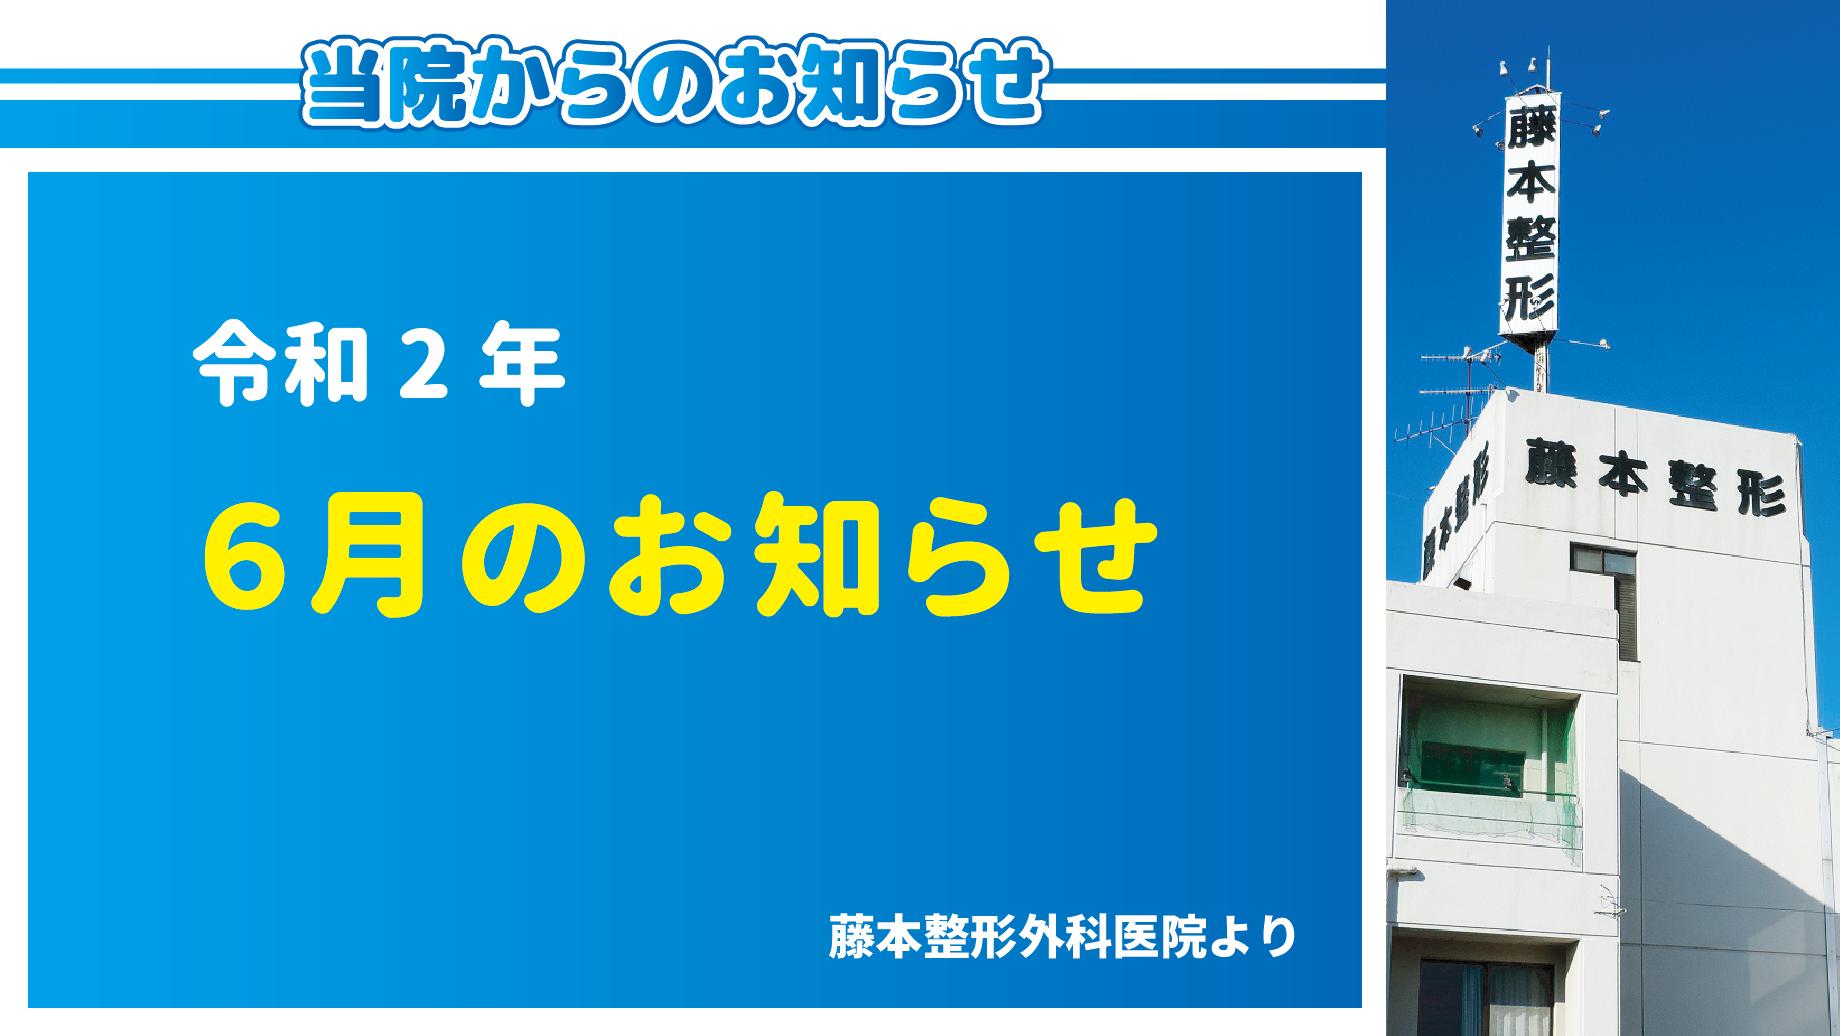 令和2年6月のお知らせ(大分の藤本整形外科医院より)